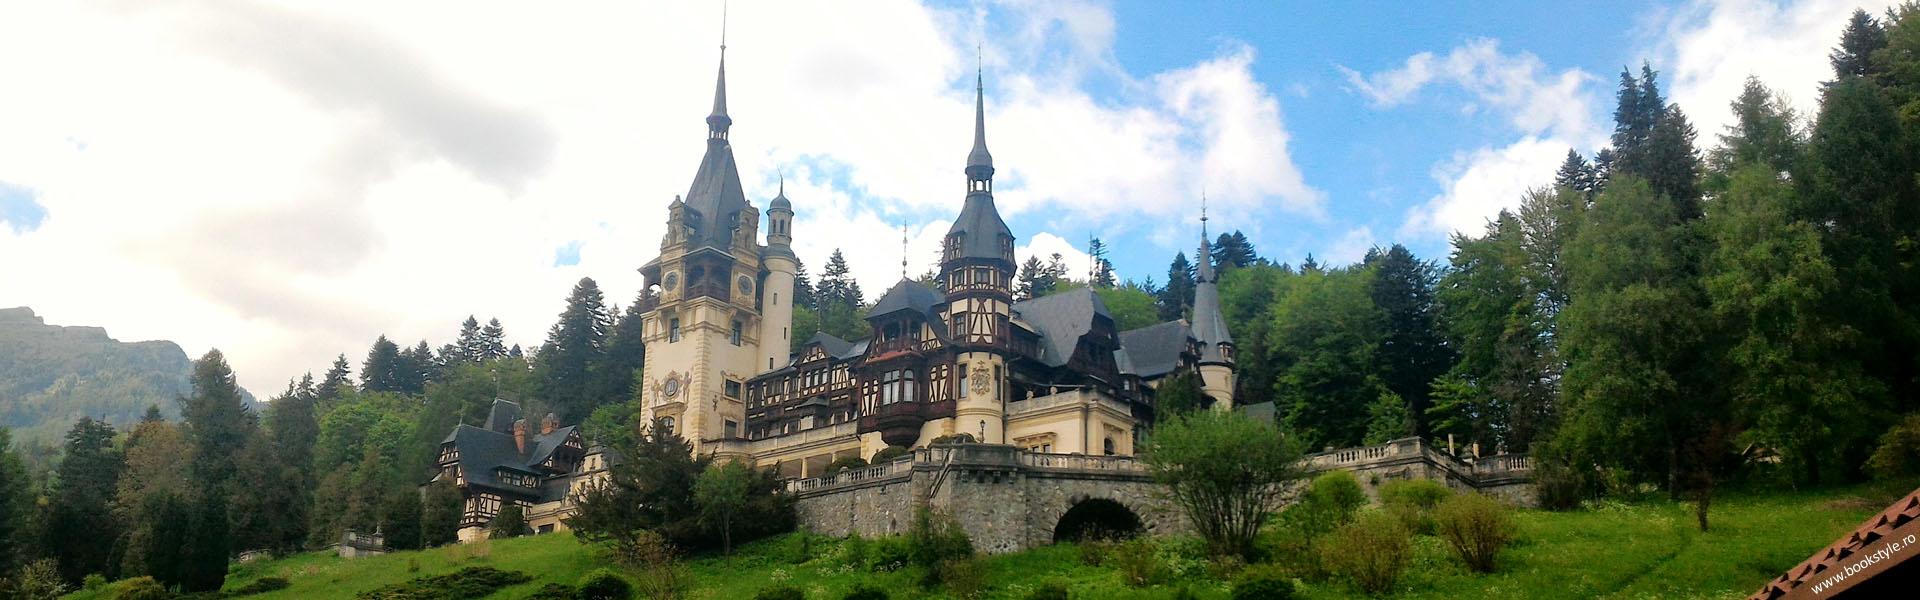 Castelul Peleș este unul dintre cele mai importante edificii de tip istoric din România, având caracter de unicat și este, prin valoarea sa istorică și artistică, unul din cele mai importante monumente de acest fel din Europa celei de-a doua jumătăți a secolului al XIX-lea.